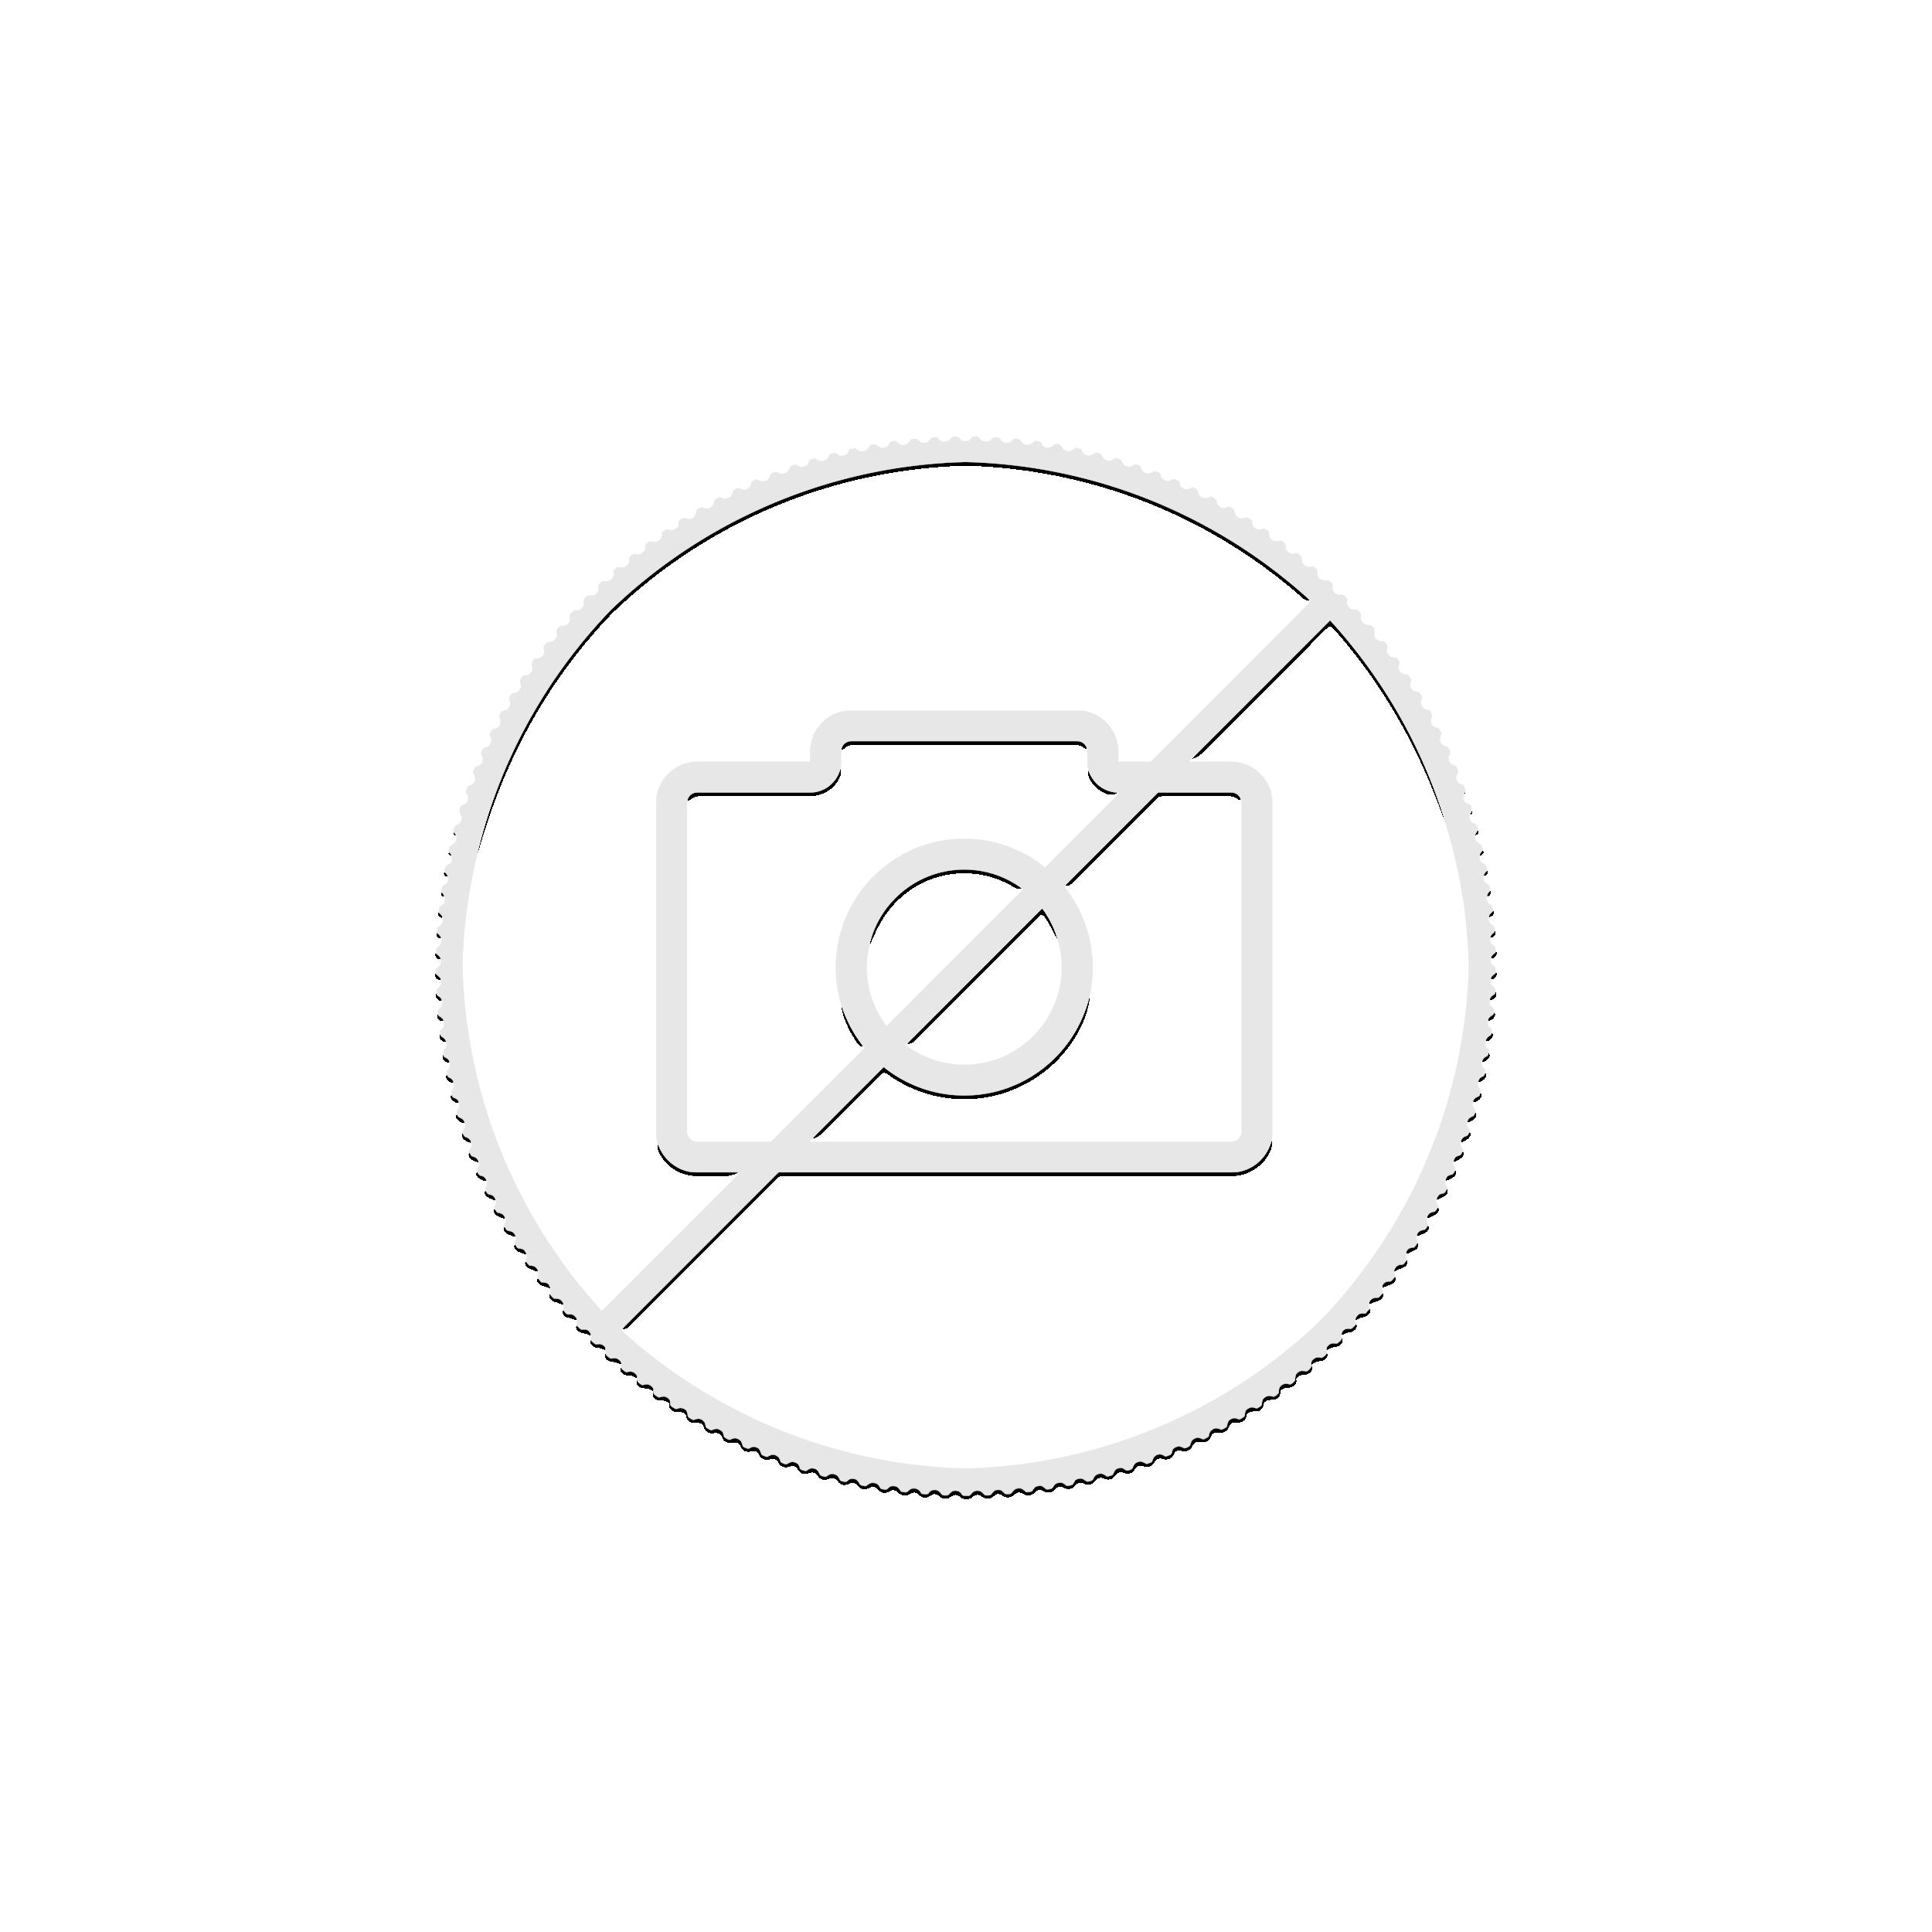 Zilveren Kookaburra munt 2017